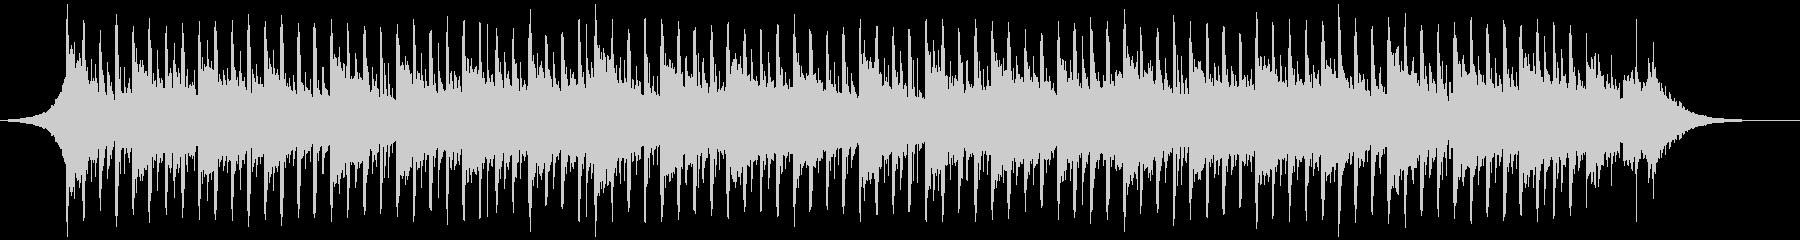 説明者の背景(60秒)の未再生の波形